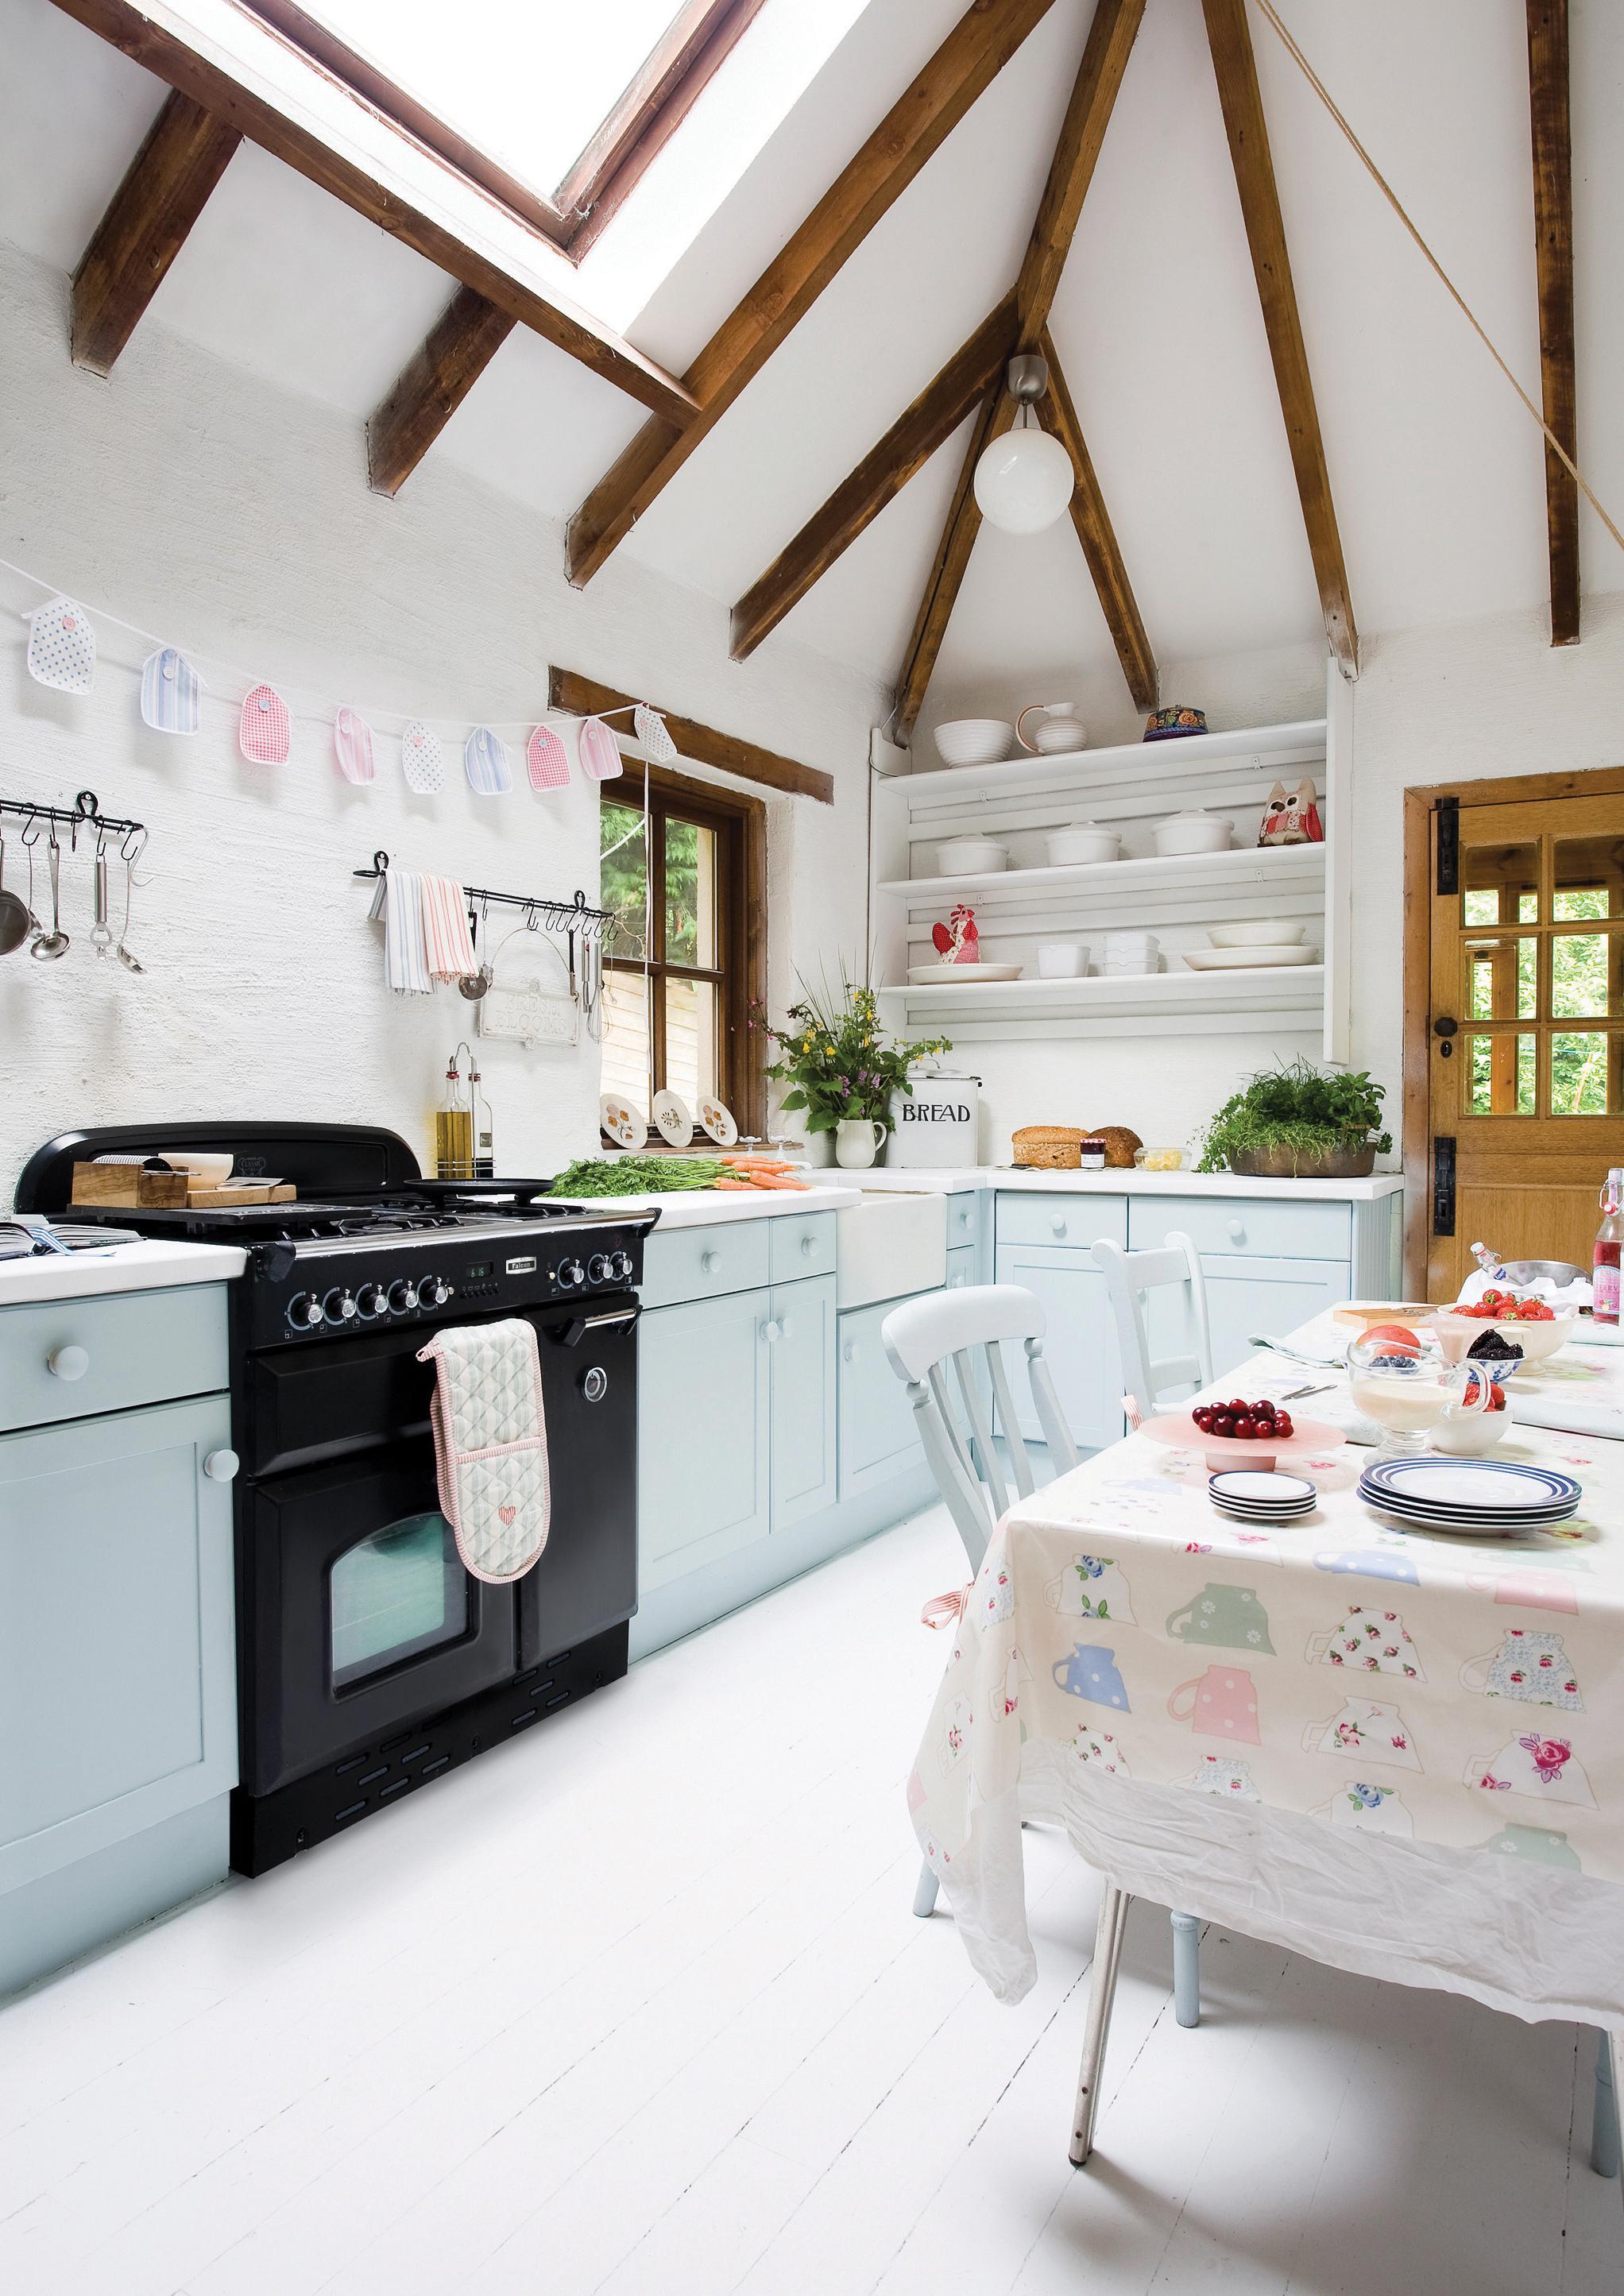 Küchengestaltung Ideen küchengestaltung bilder ideen couchstyle